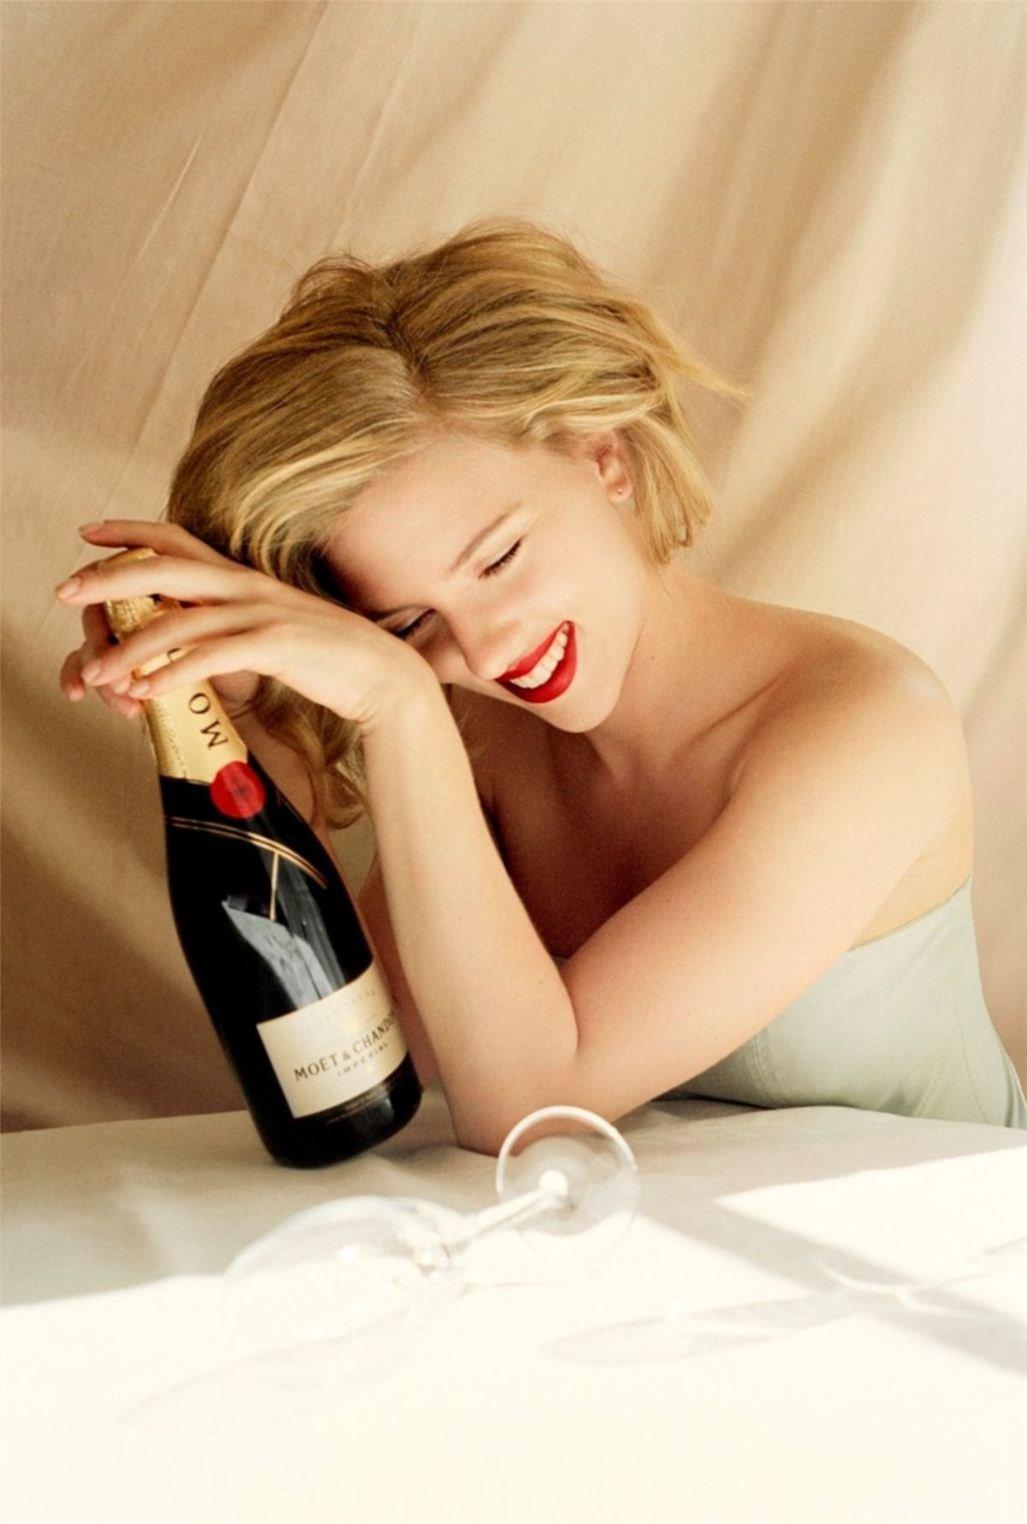 Шампанское приятно расслабило девушку